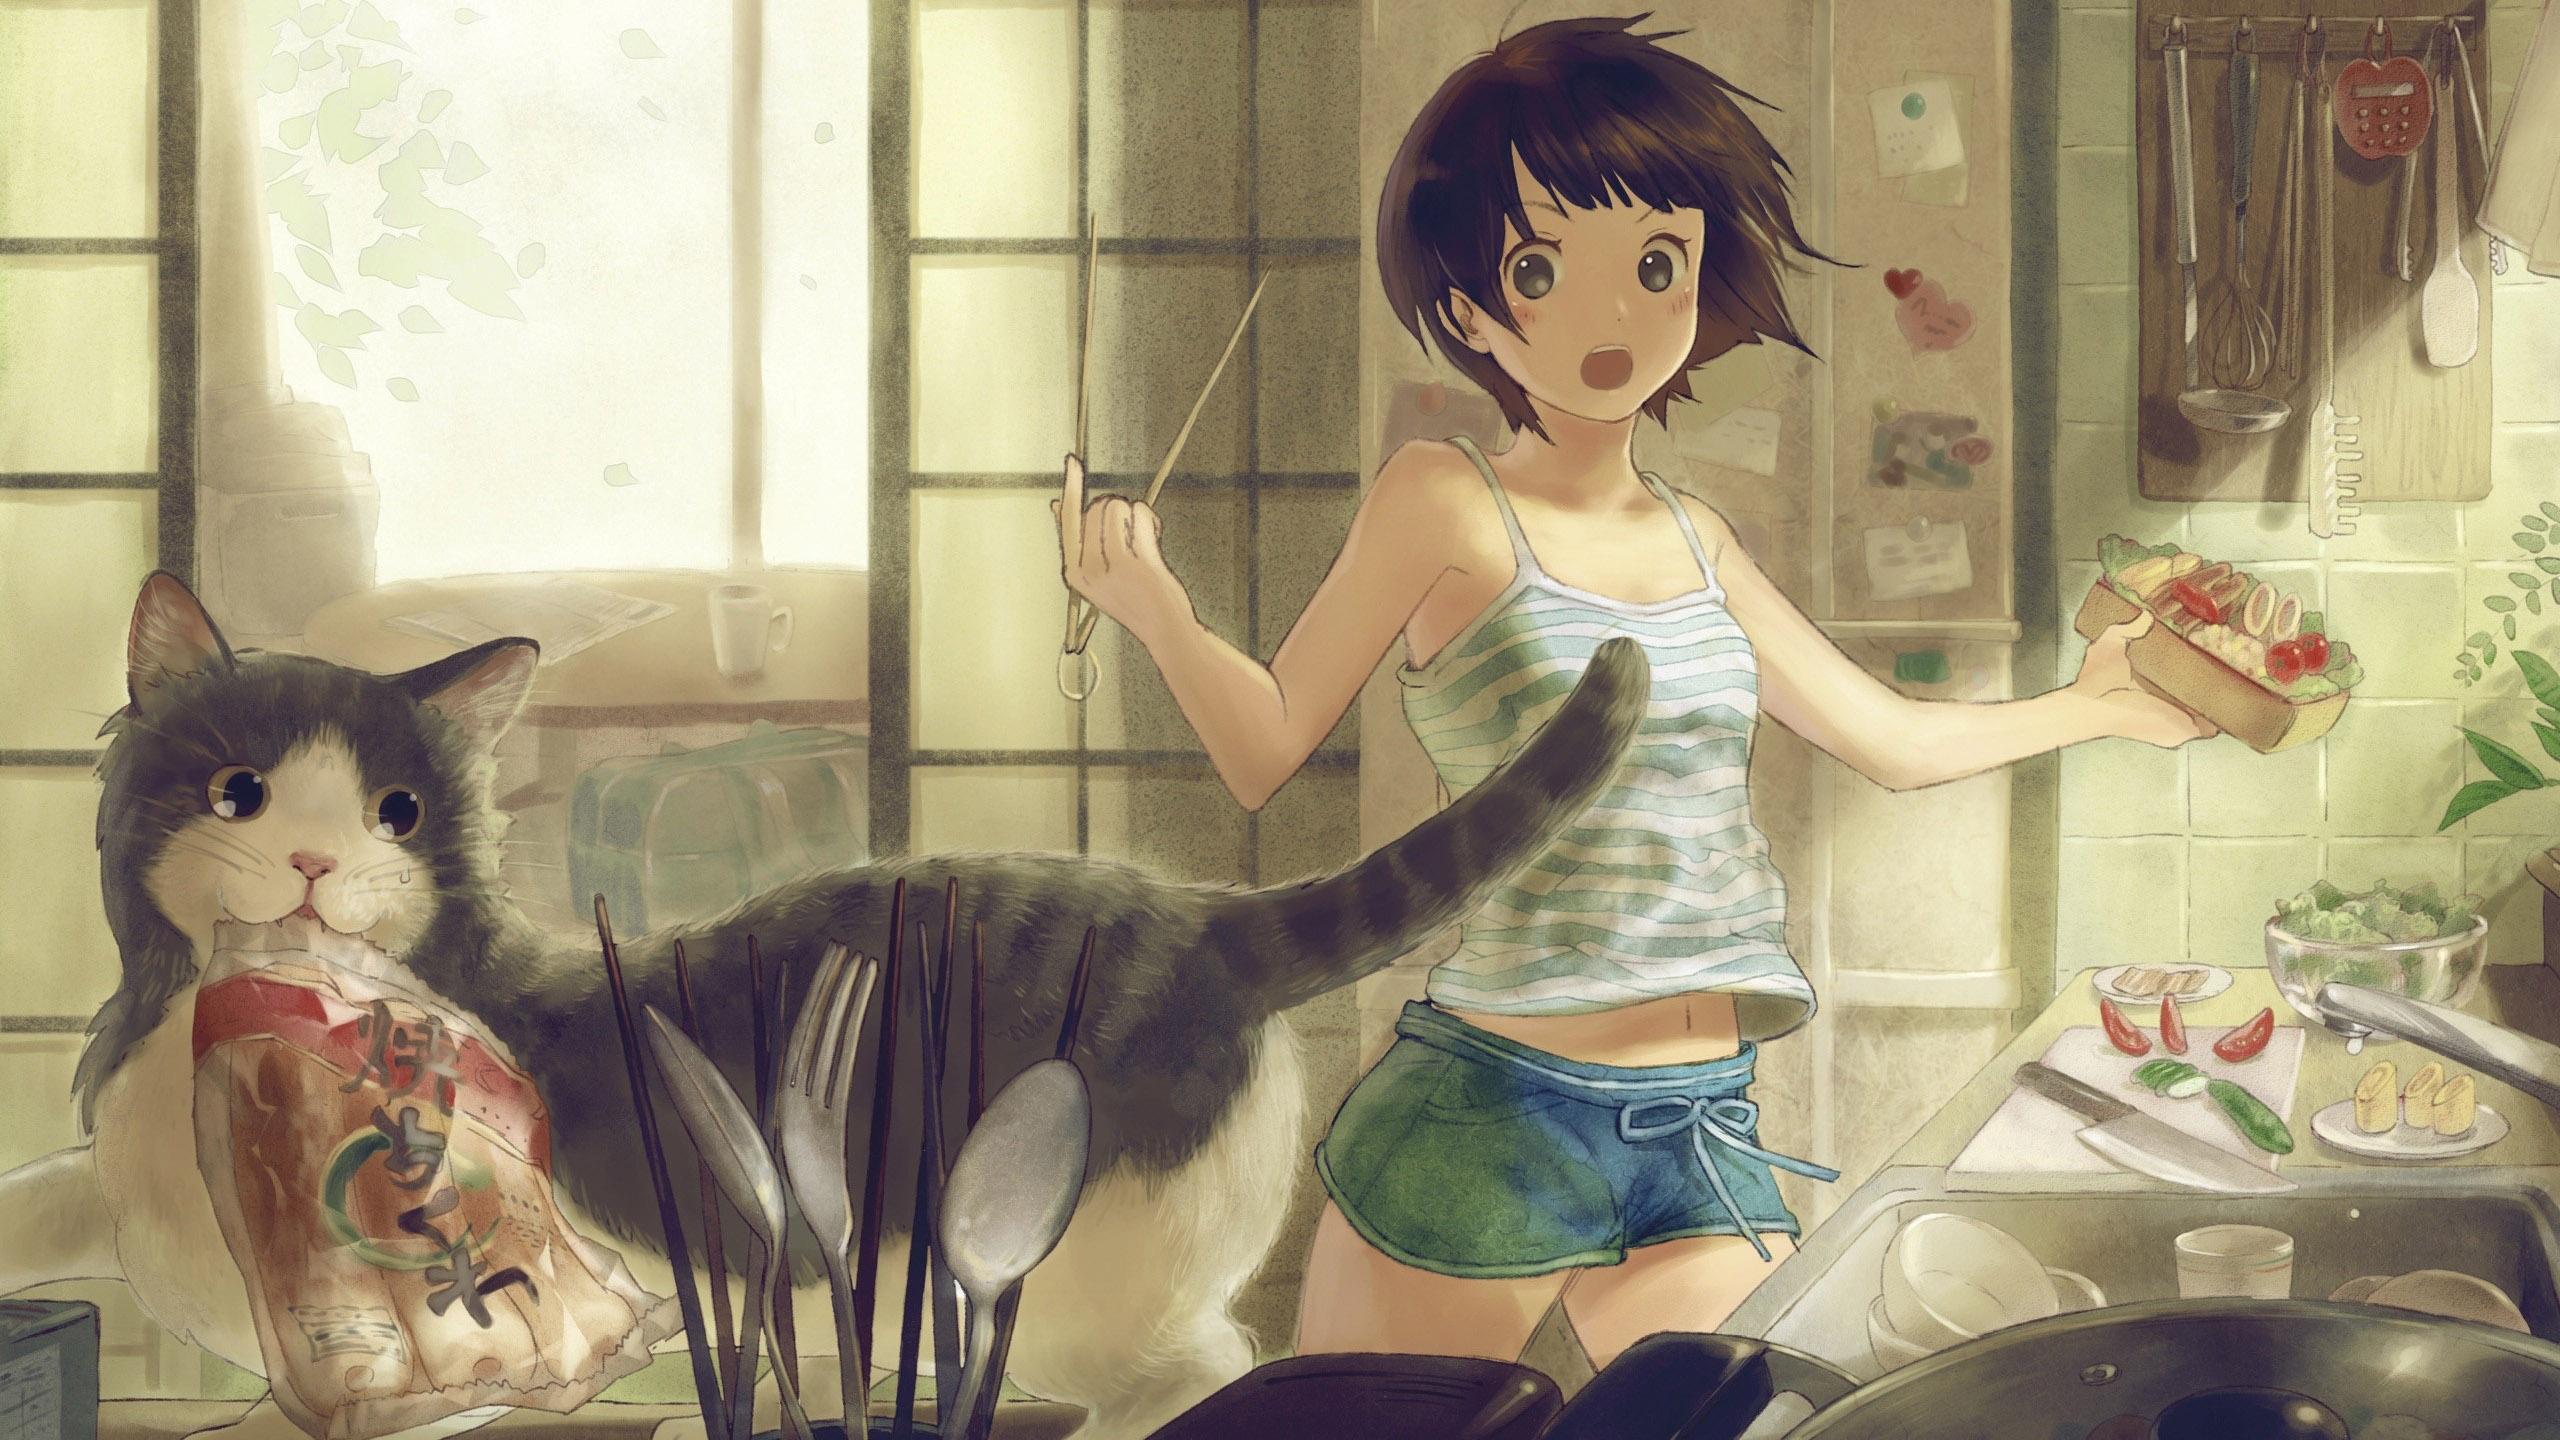 动漫卡通,妹妹,短发,猫咪,方便面,厨房